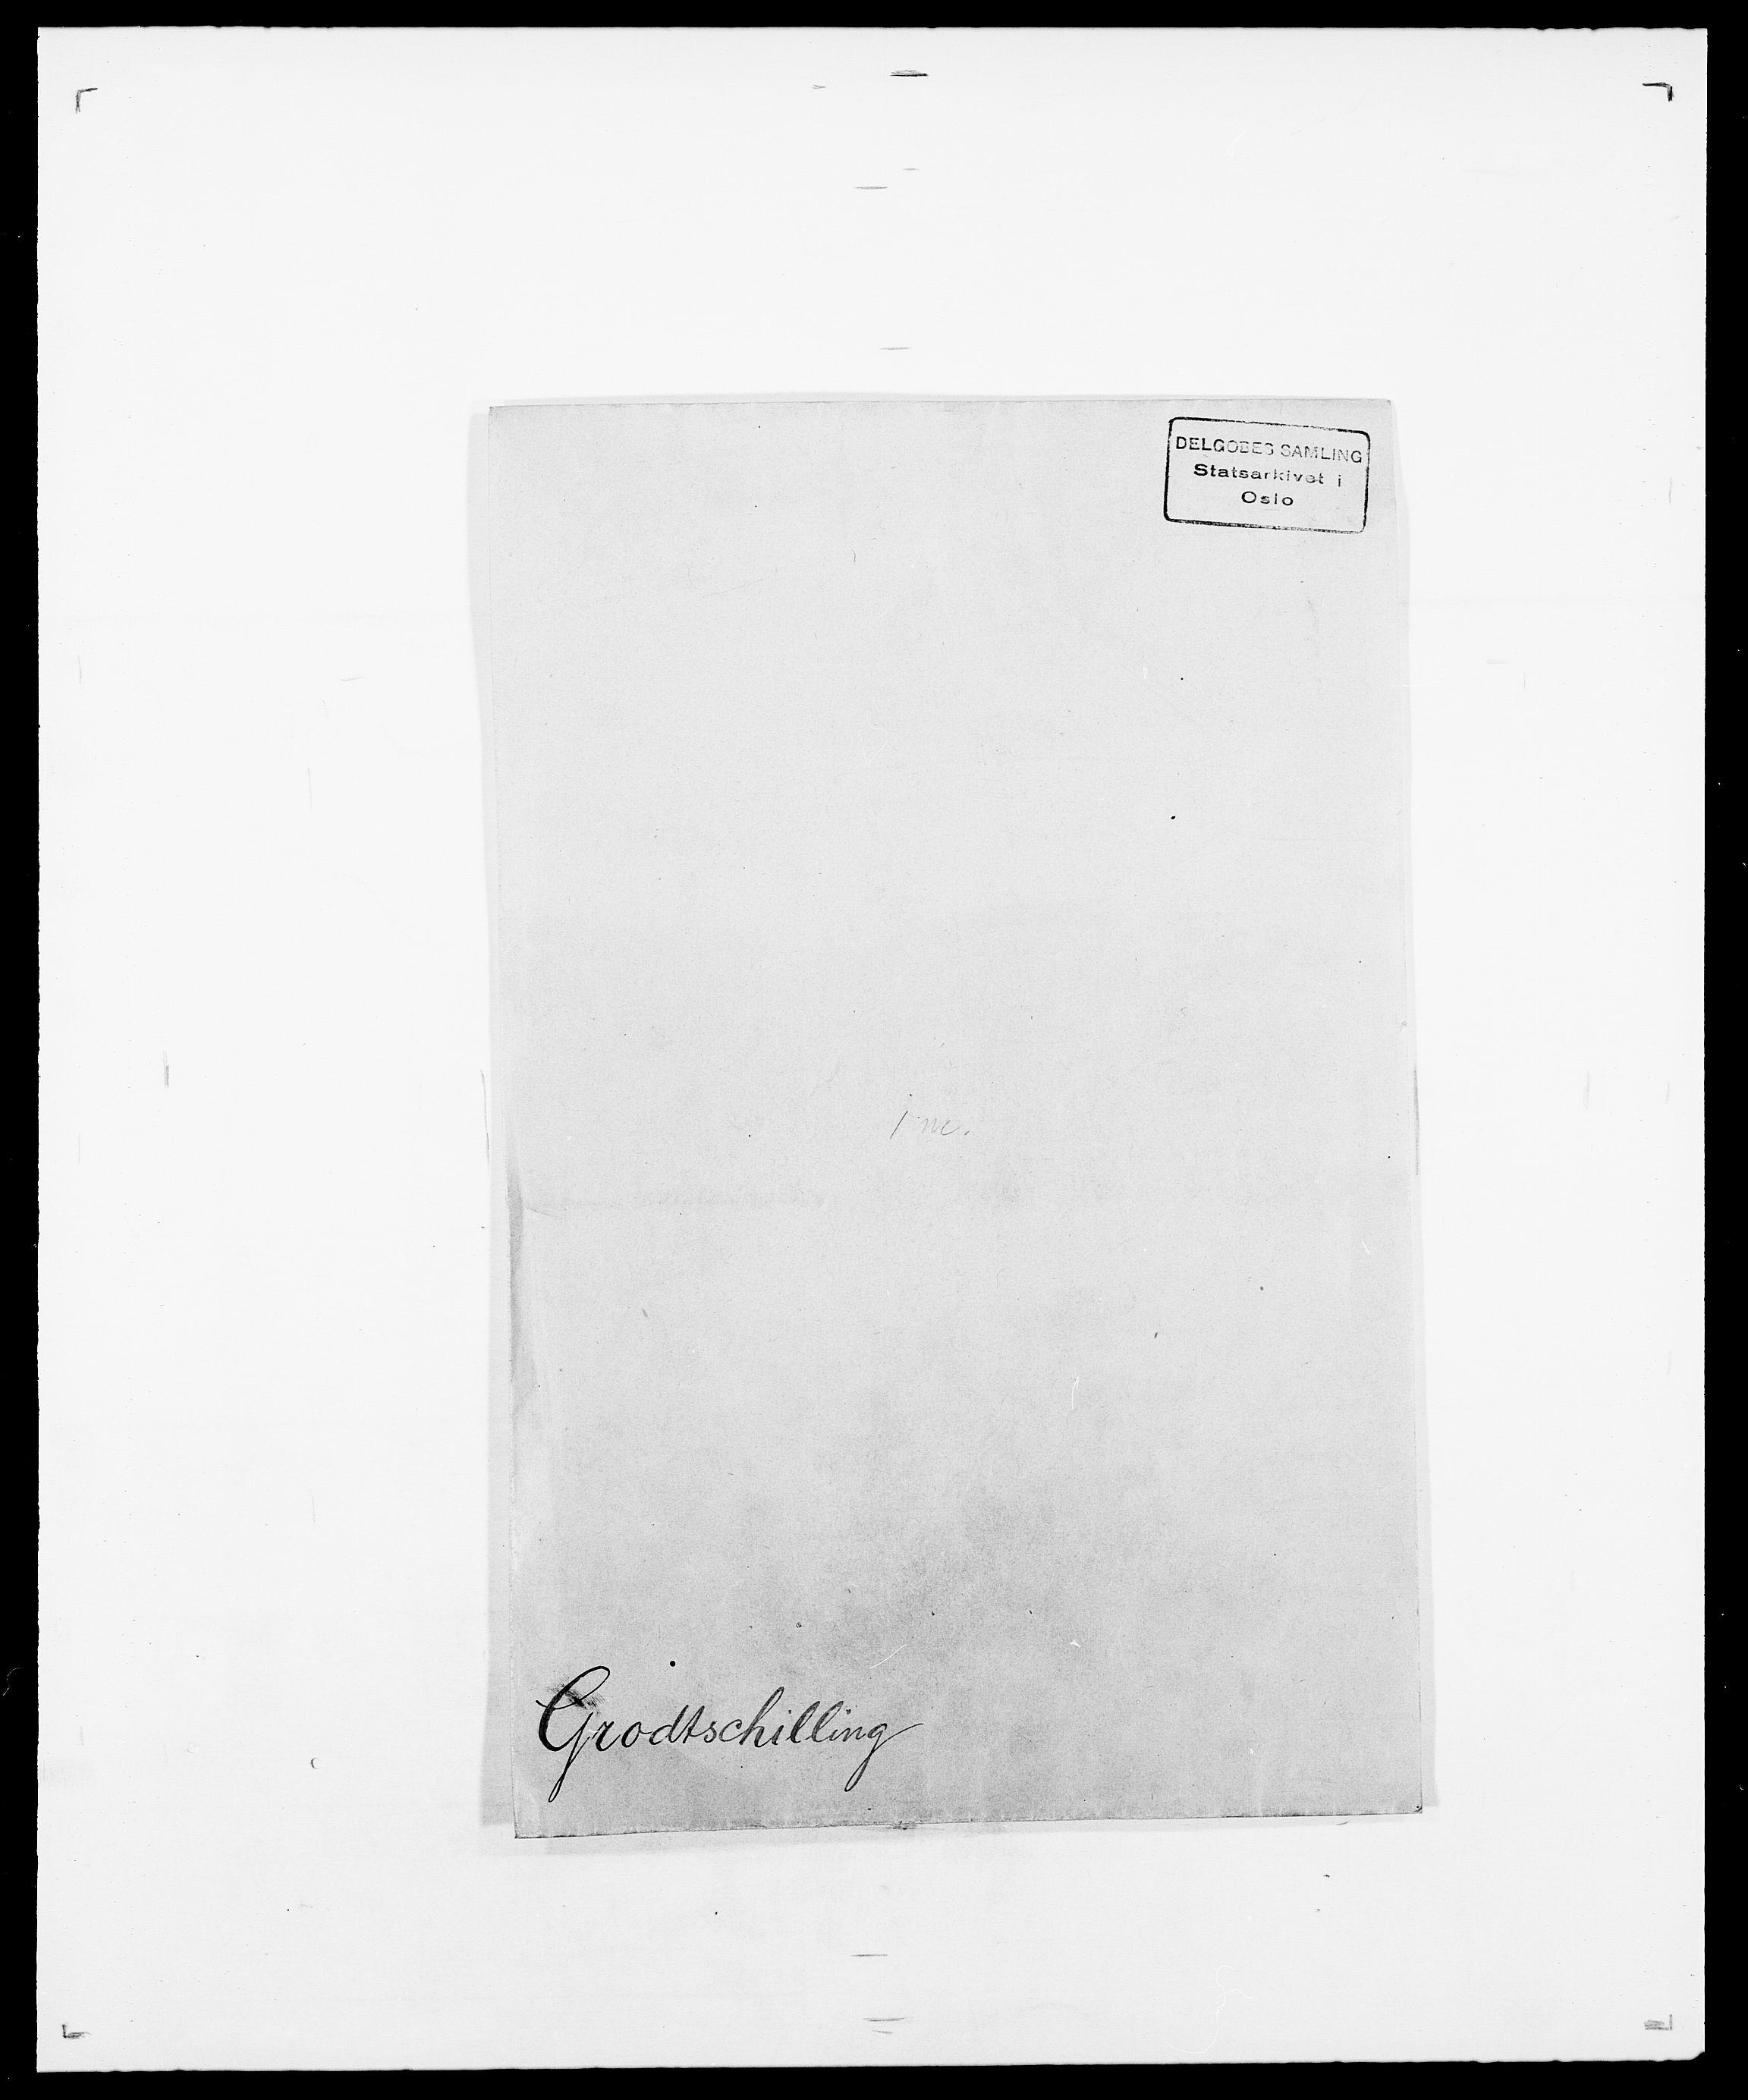 SAO, Delgobe, Charles Antoine - samling, D/Da/L0015: Grodtshilling - Halvorsæth, s. 1